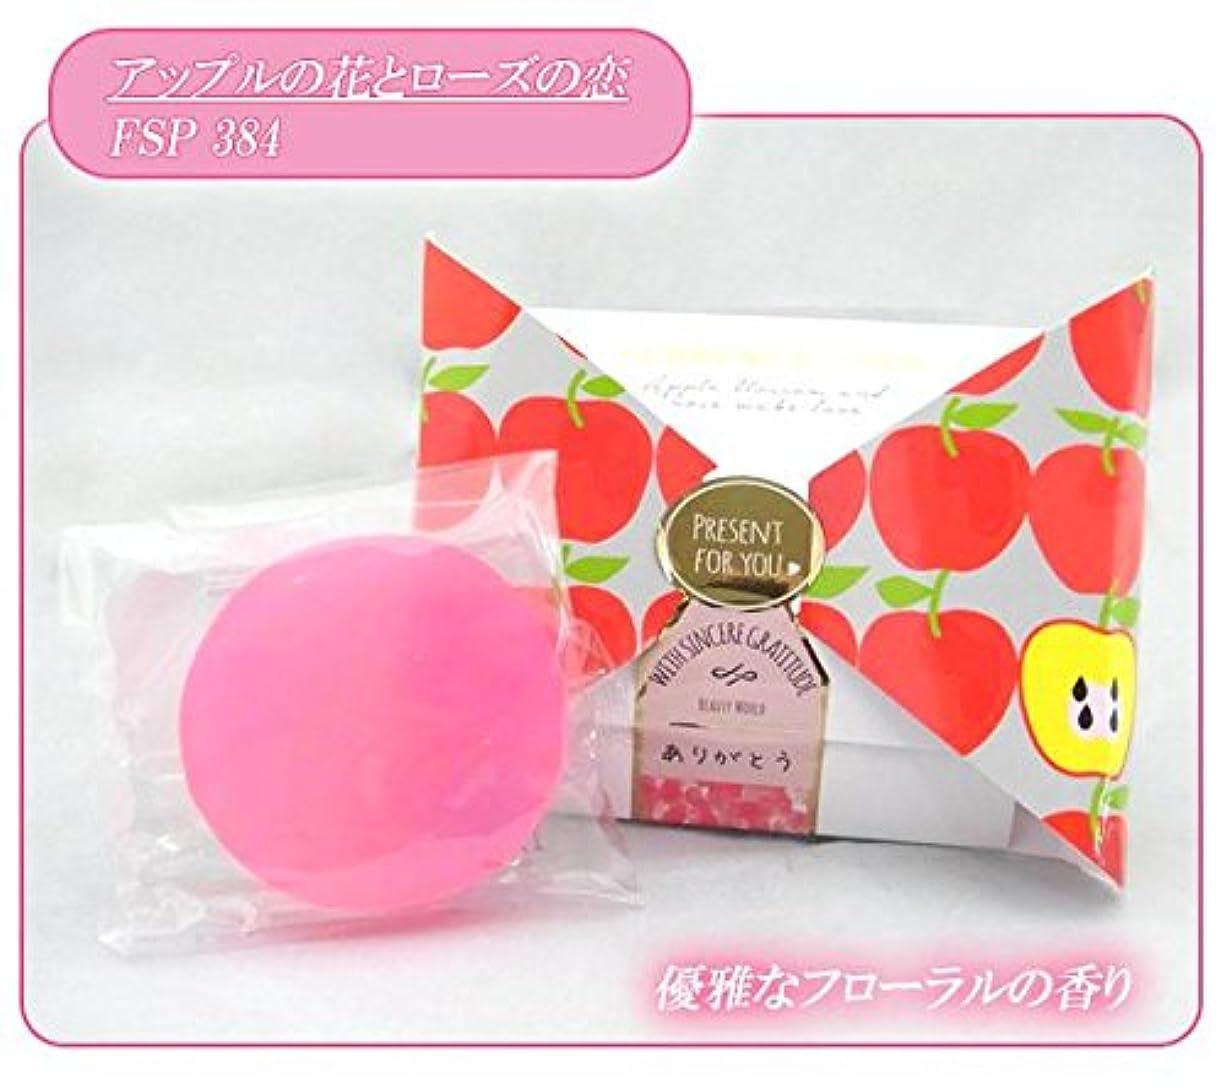 魅力ウェーハふさわしいビューティーワールド BWフローレンスの香り石けん リボンパッケージ 6個セット アップルの花とローズの恋